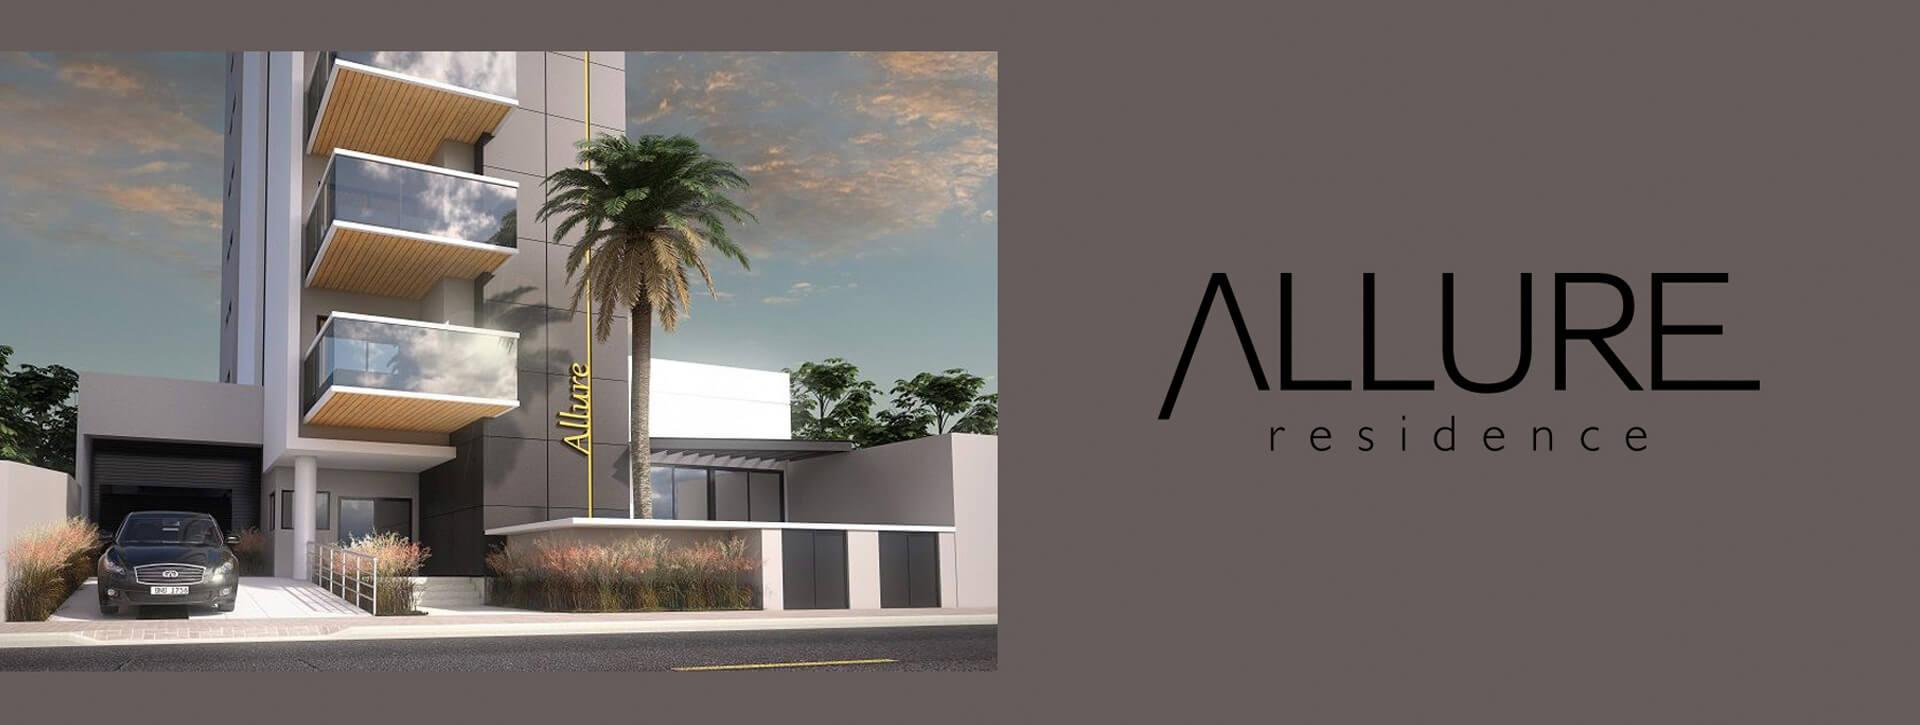 eraldo-construcoes-allure-3-banner (3)